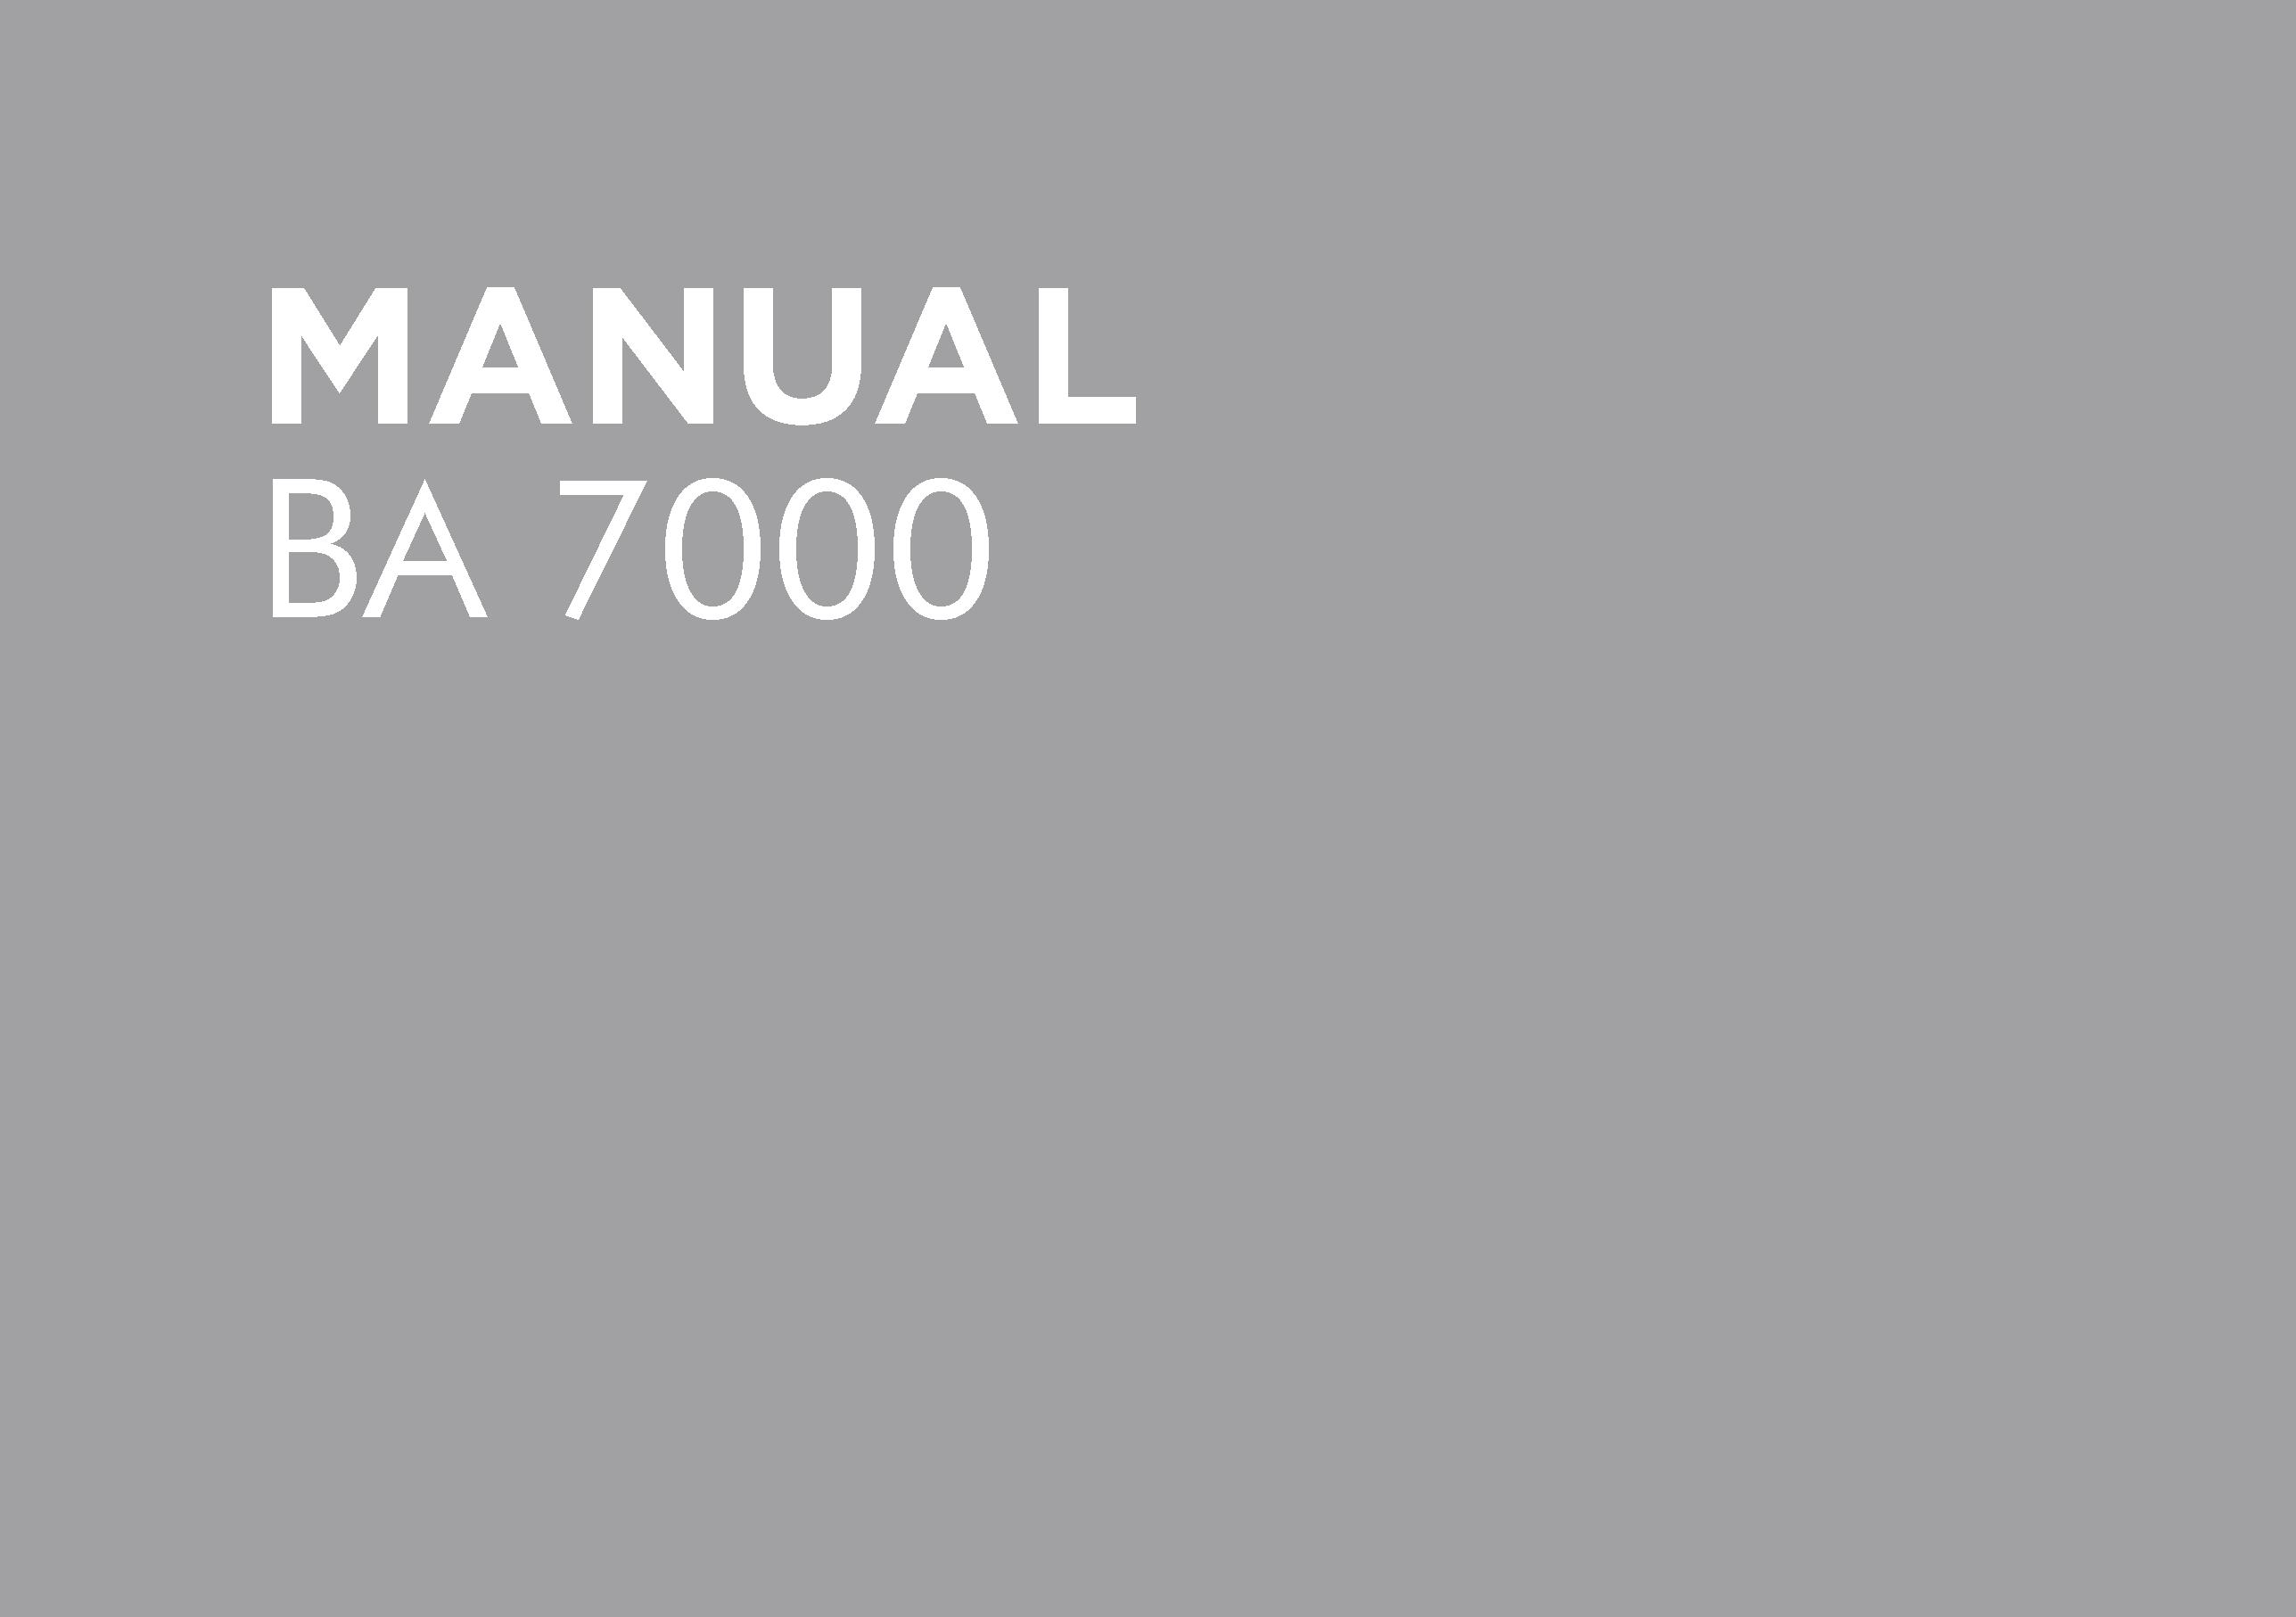 BA 7000 Operators Manual